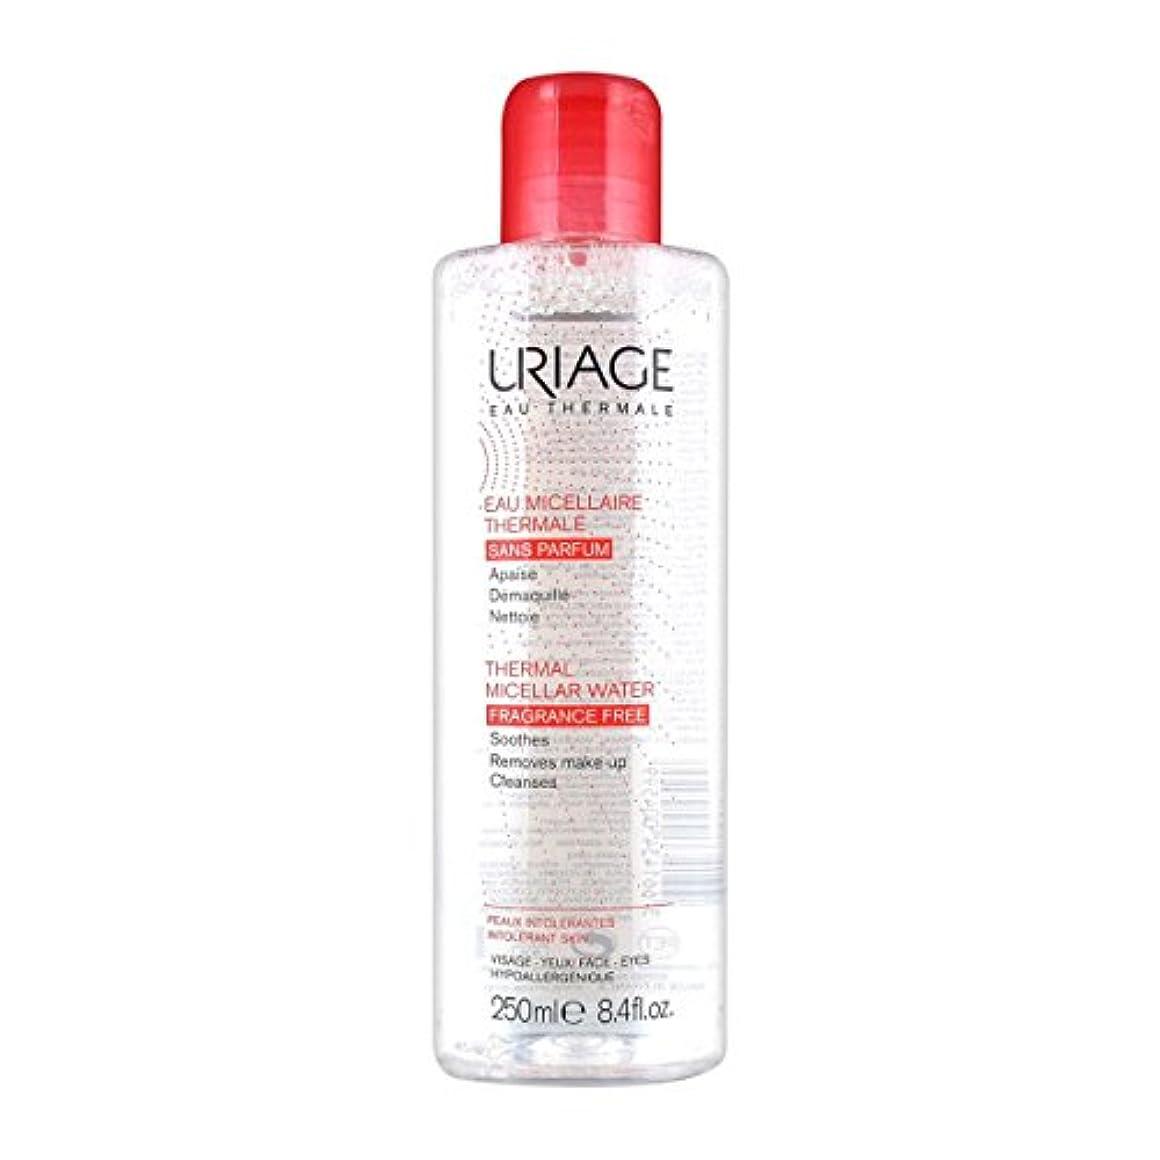 洗練オフェンス悪行Uriage Thermal Micellar Water Fragrance Free Intolerant Skin 250ml [並行輸入品]